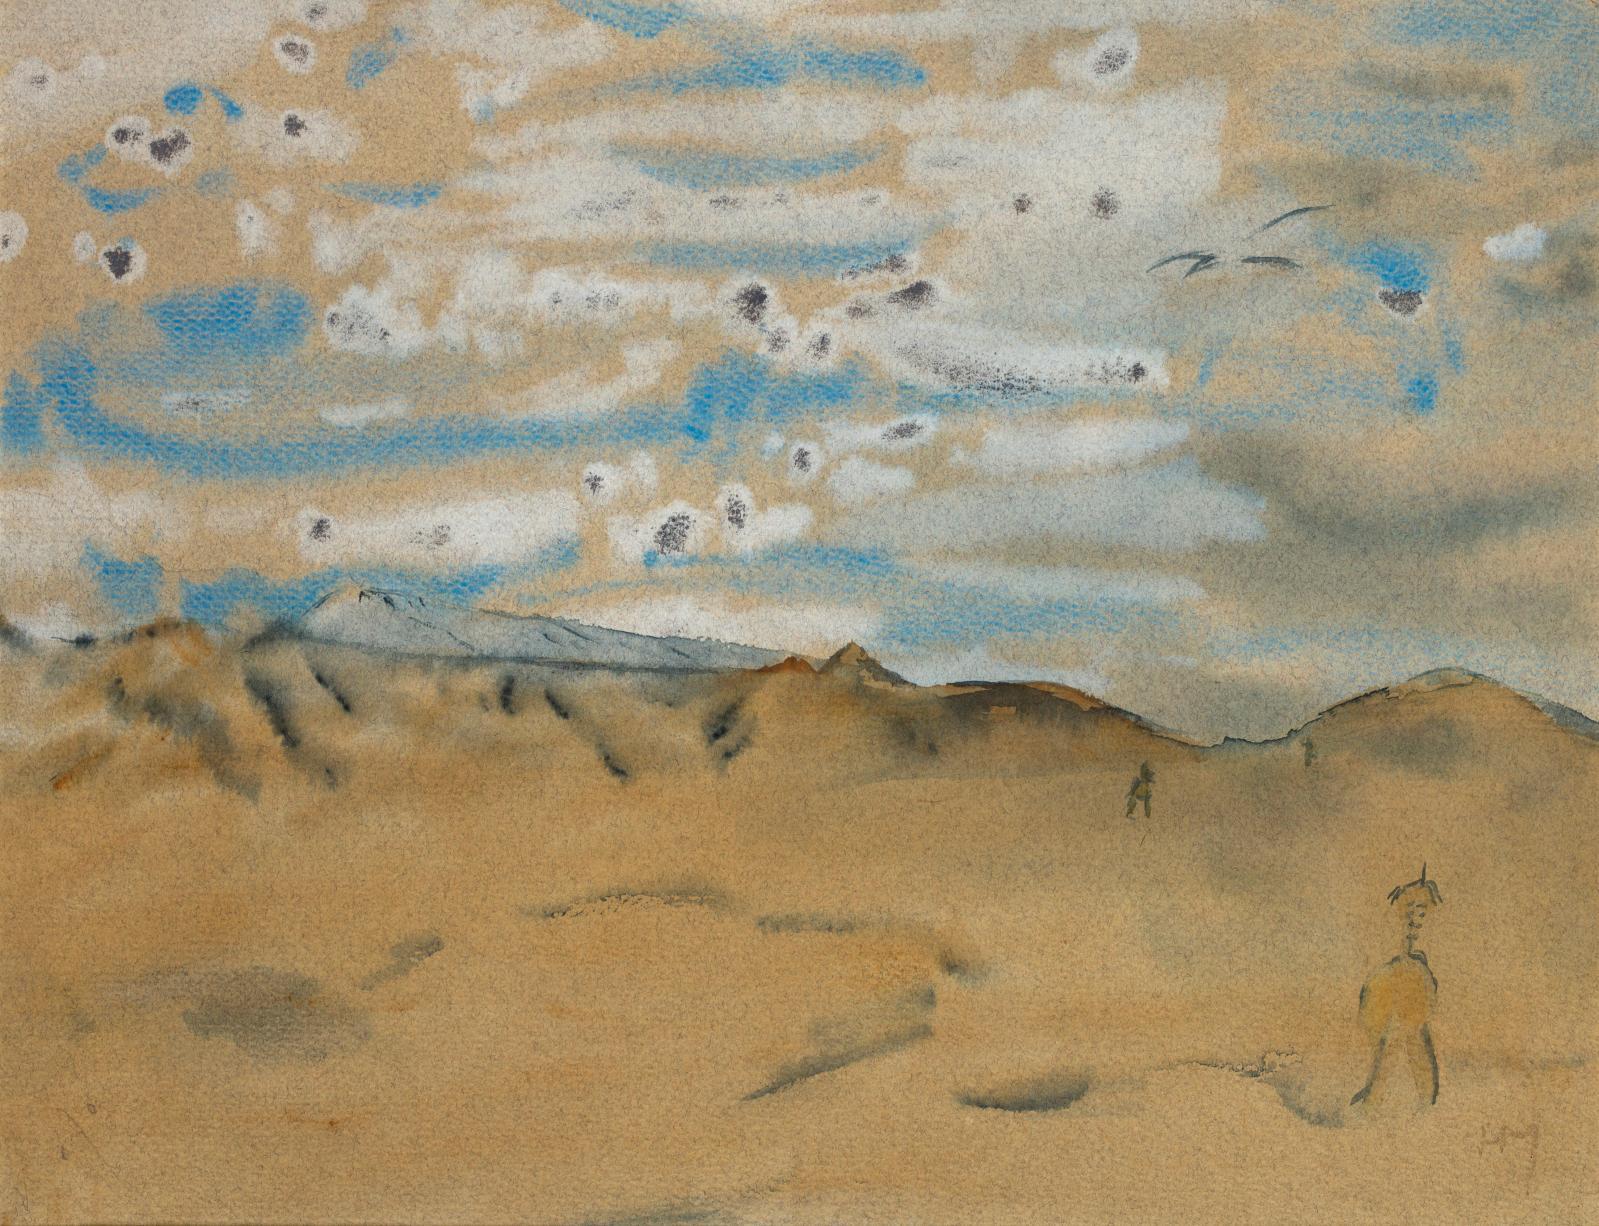 Henri Michaux, Mes propriétés, 1941, aquarelle et gouache sur papier, 22,8x29,8cm. Estimation: 18000/20000€